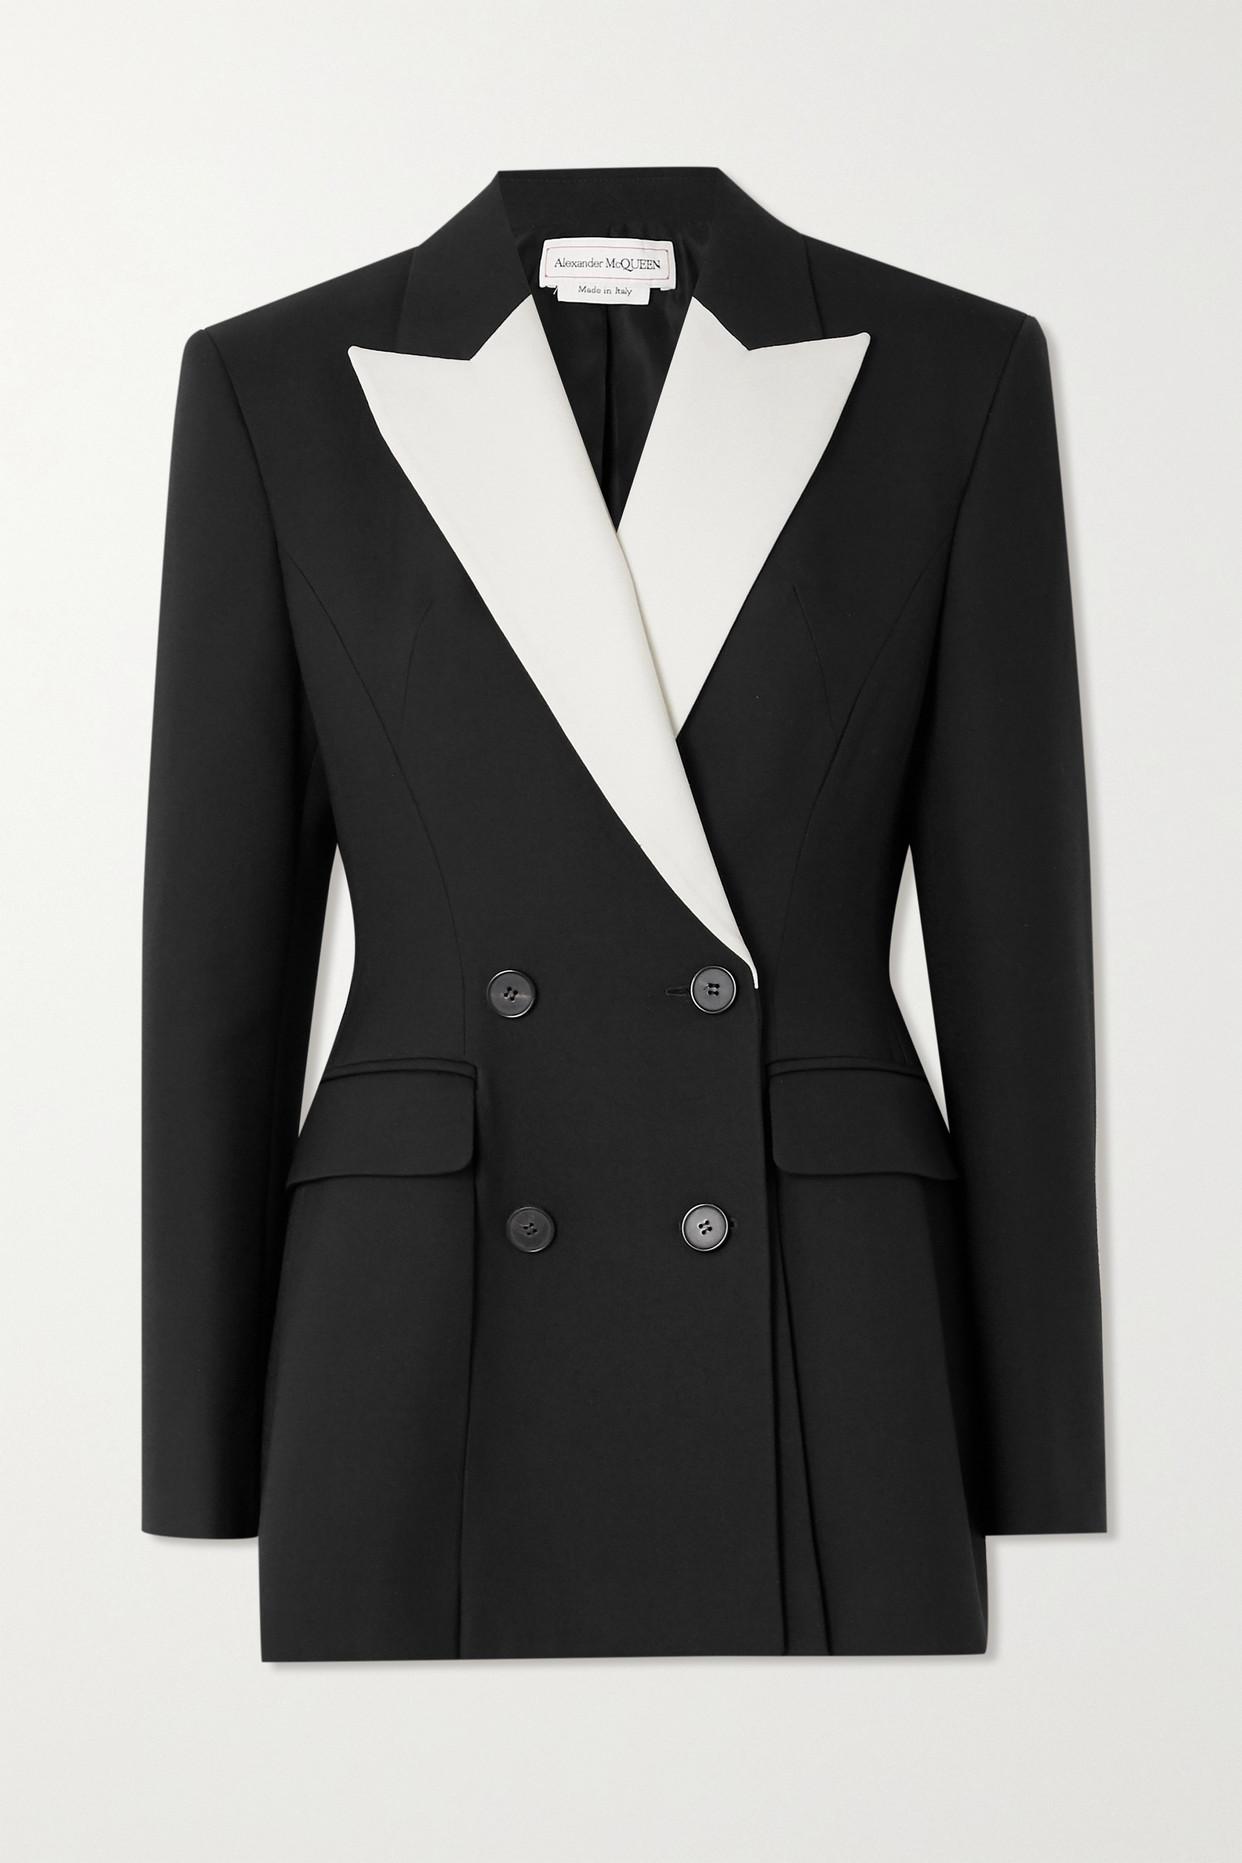 ALEXANDER MCQUEEN - 双排扣双色粒纹羊毛混纺西装外套 - 黑色 - IT42